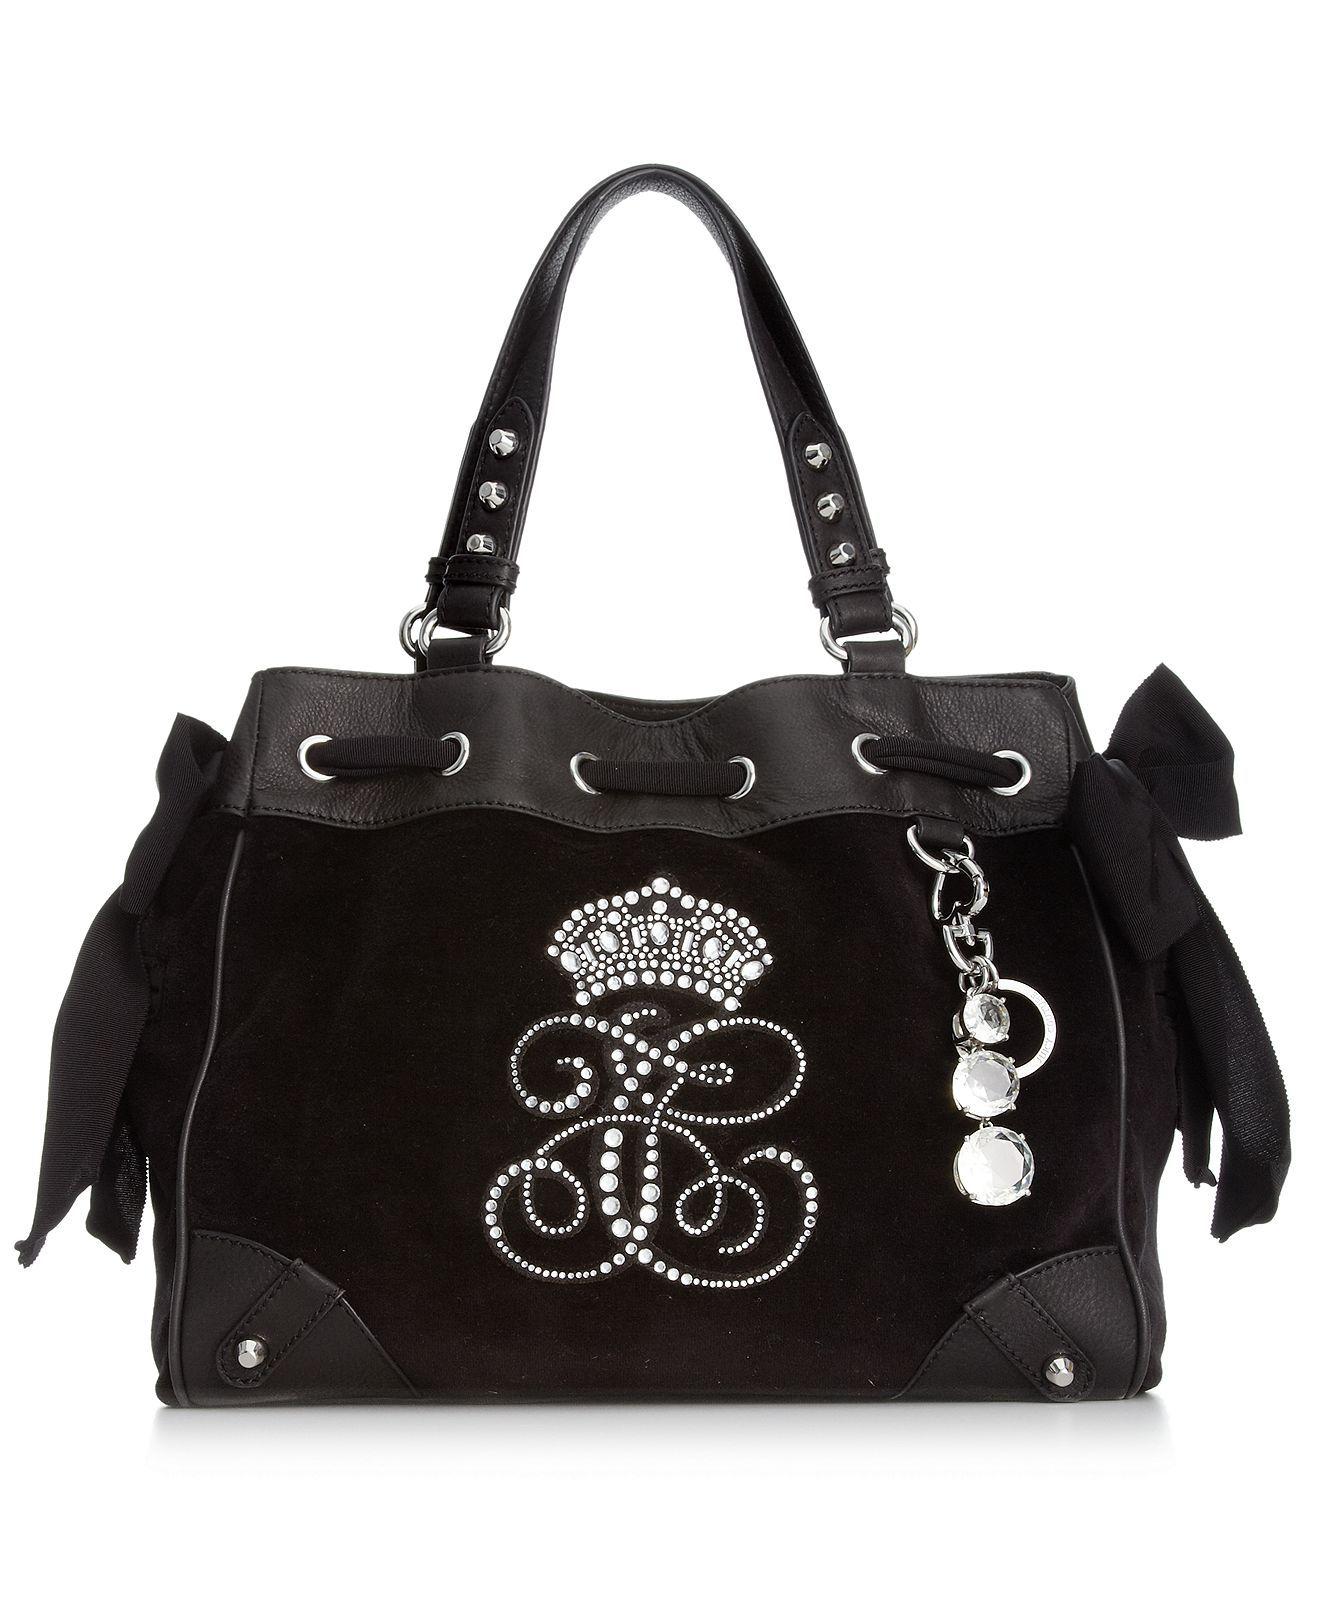 cc50d0b74fef Juicy Couture Handbag